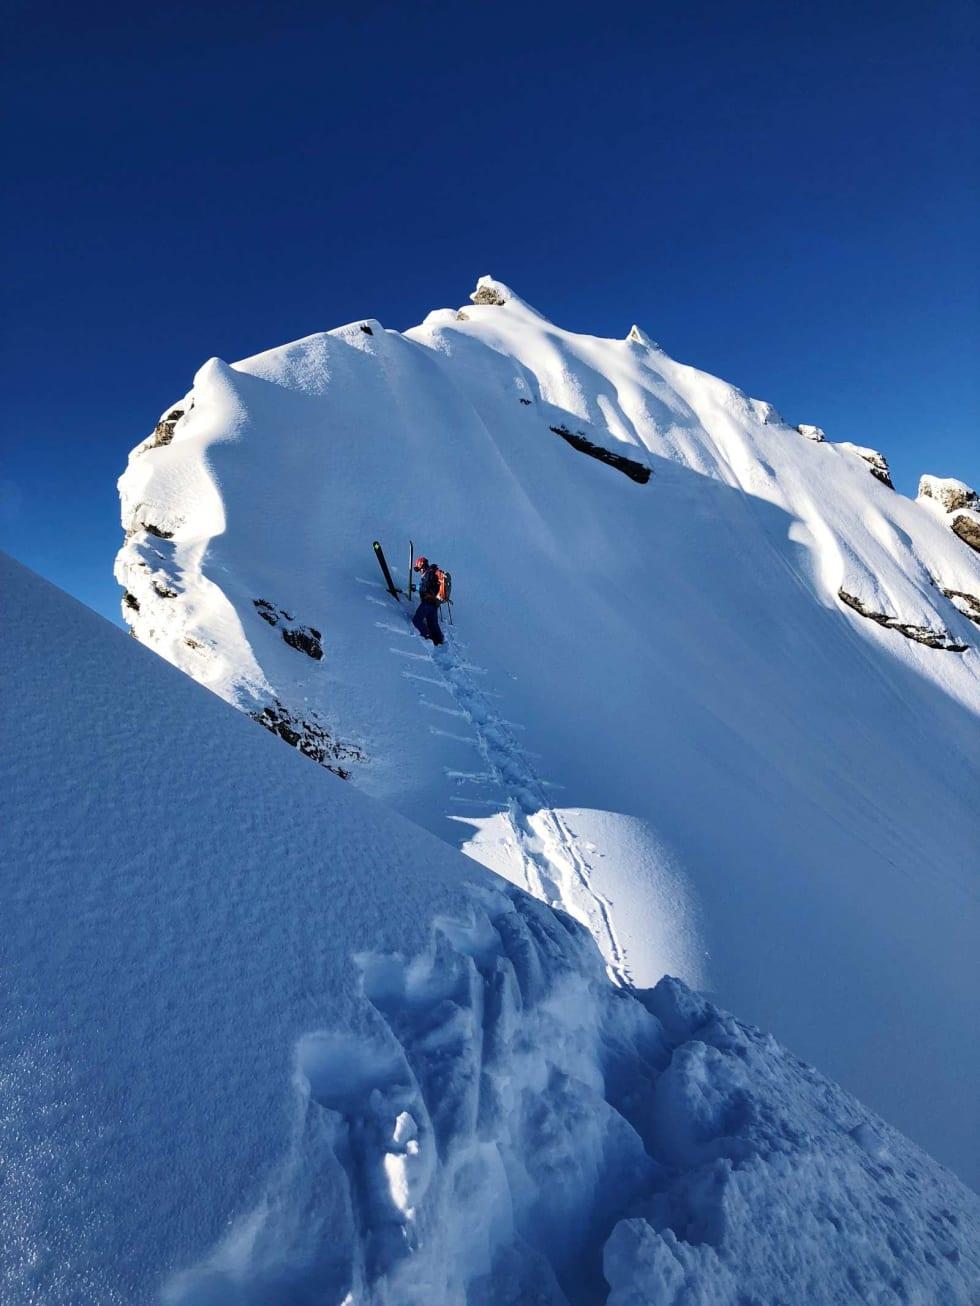 TUNGT: Å brøyte veg i bratt og eksponert lende i en meter, bunnløs snø er både tungt og skummelt – men du verden for en nedtur som venter. Her er Trond like under toppen. Bilde: Petter Jenset